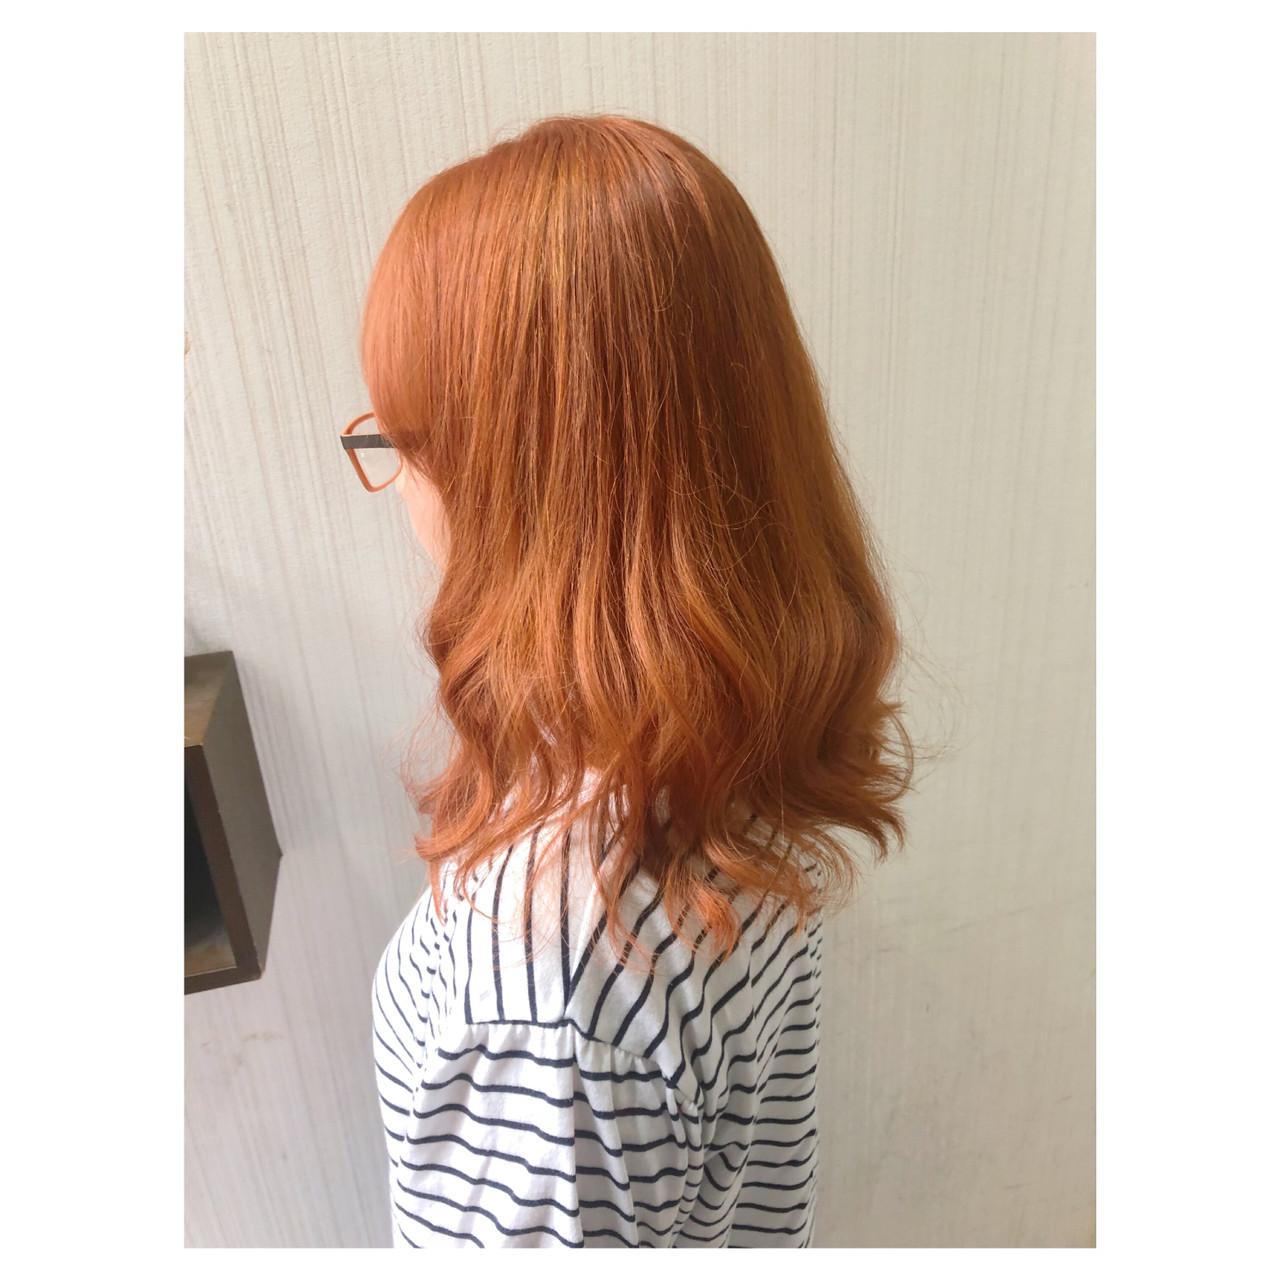 ミディアム オレンジベージュ ヘアアレンジ ブリーチ ヘアスタイルや髪型の写真・画像 | クラ / TOMCAT